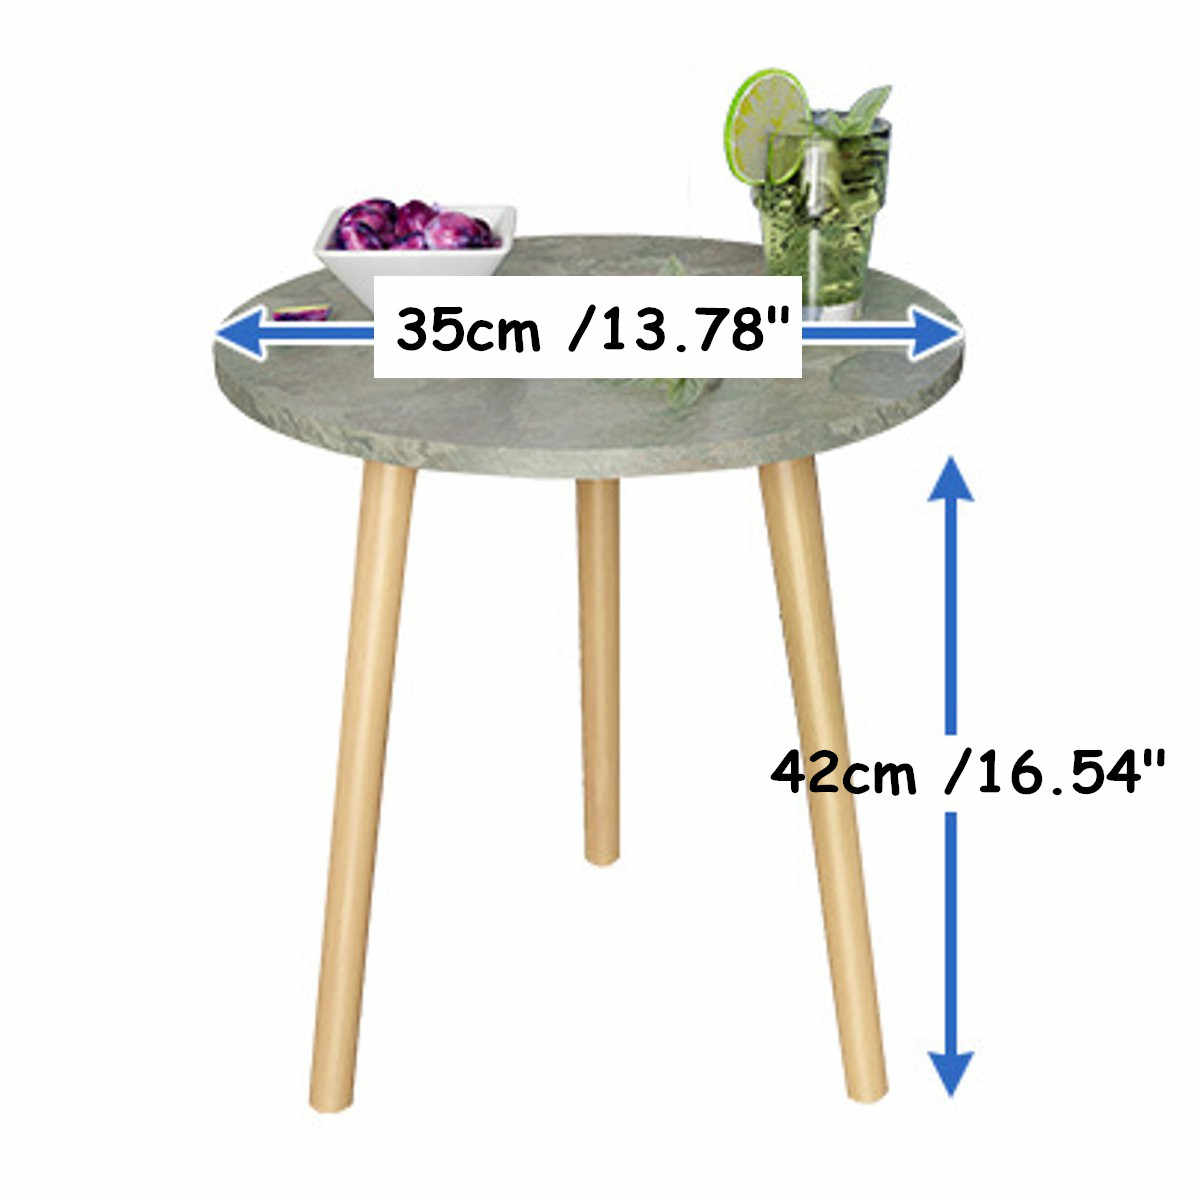 ファッションコーヒーテーブルシンプルなミニ北欧便利ソファ現代円形実用的な天然茶テーブルリビングルームの装飾